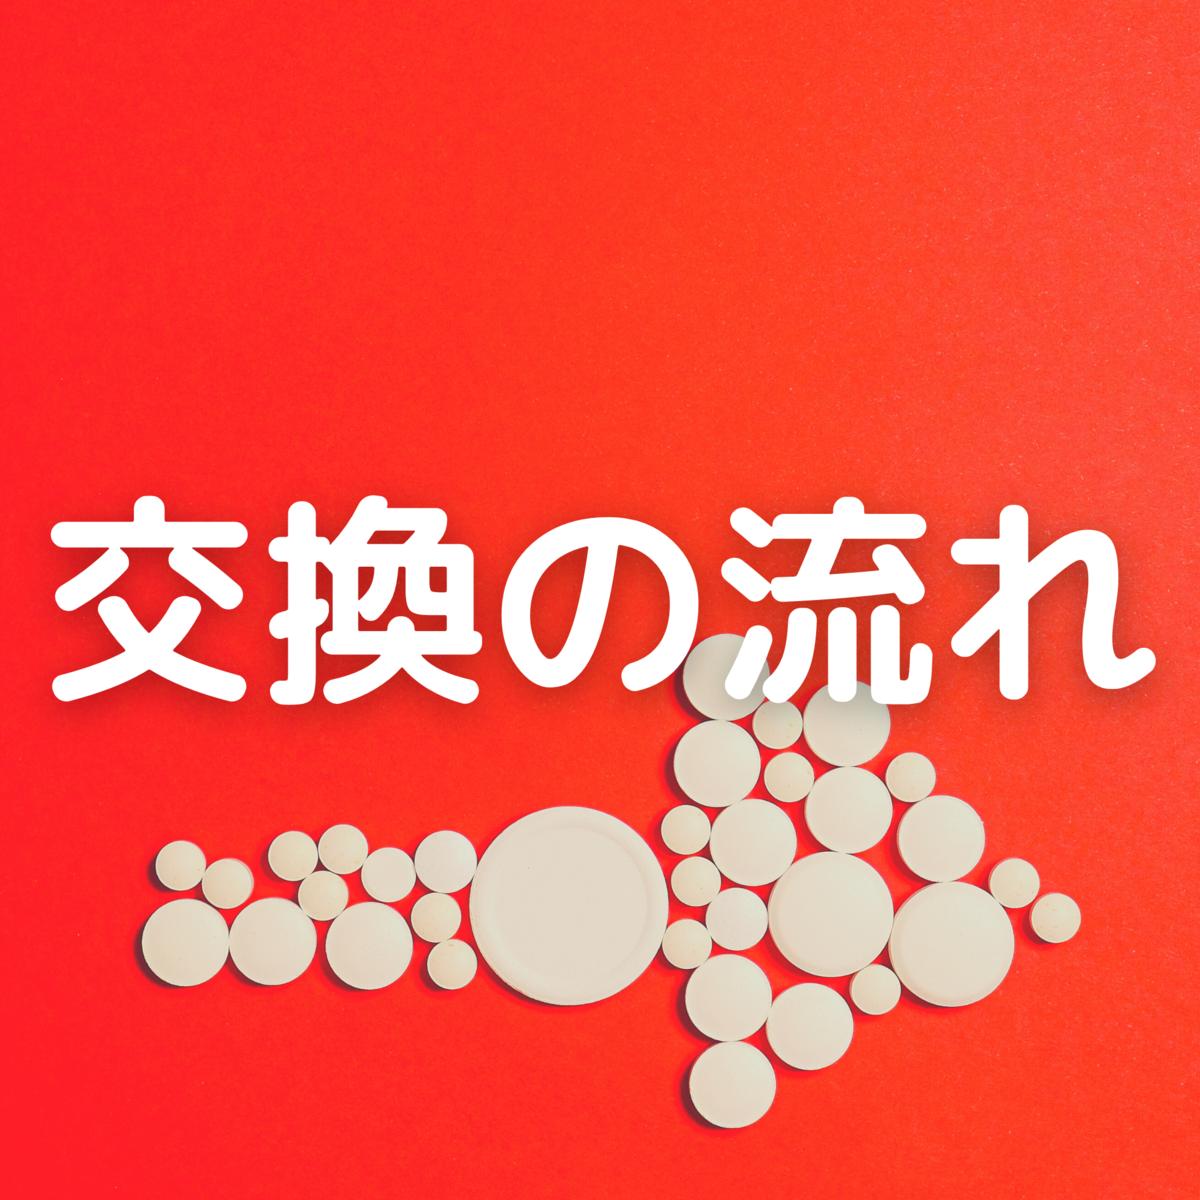 f:id:blue_otorihiki:20200730064238p:plain